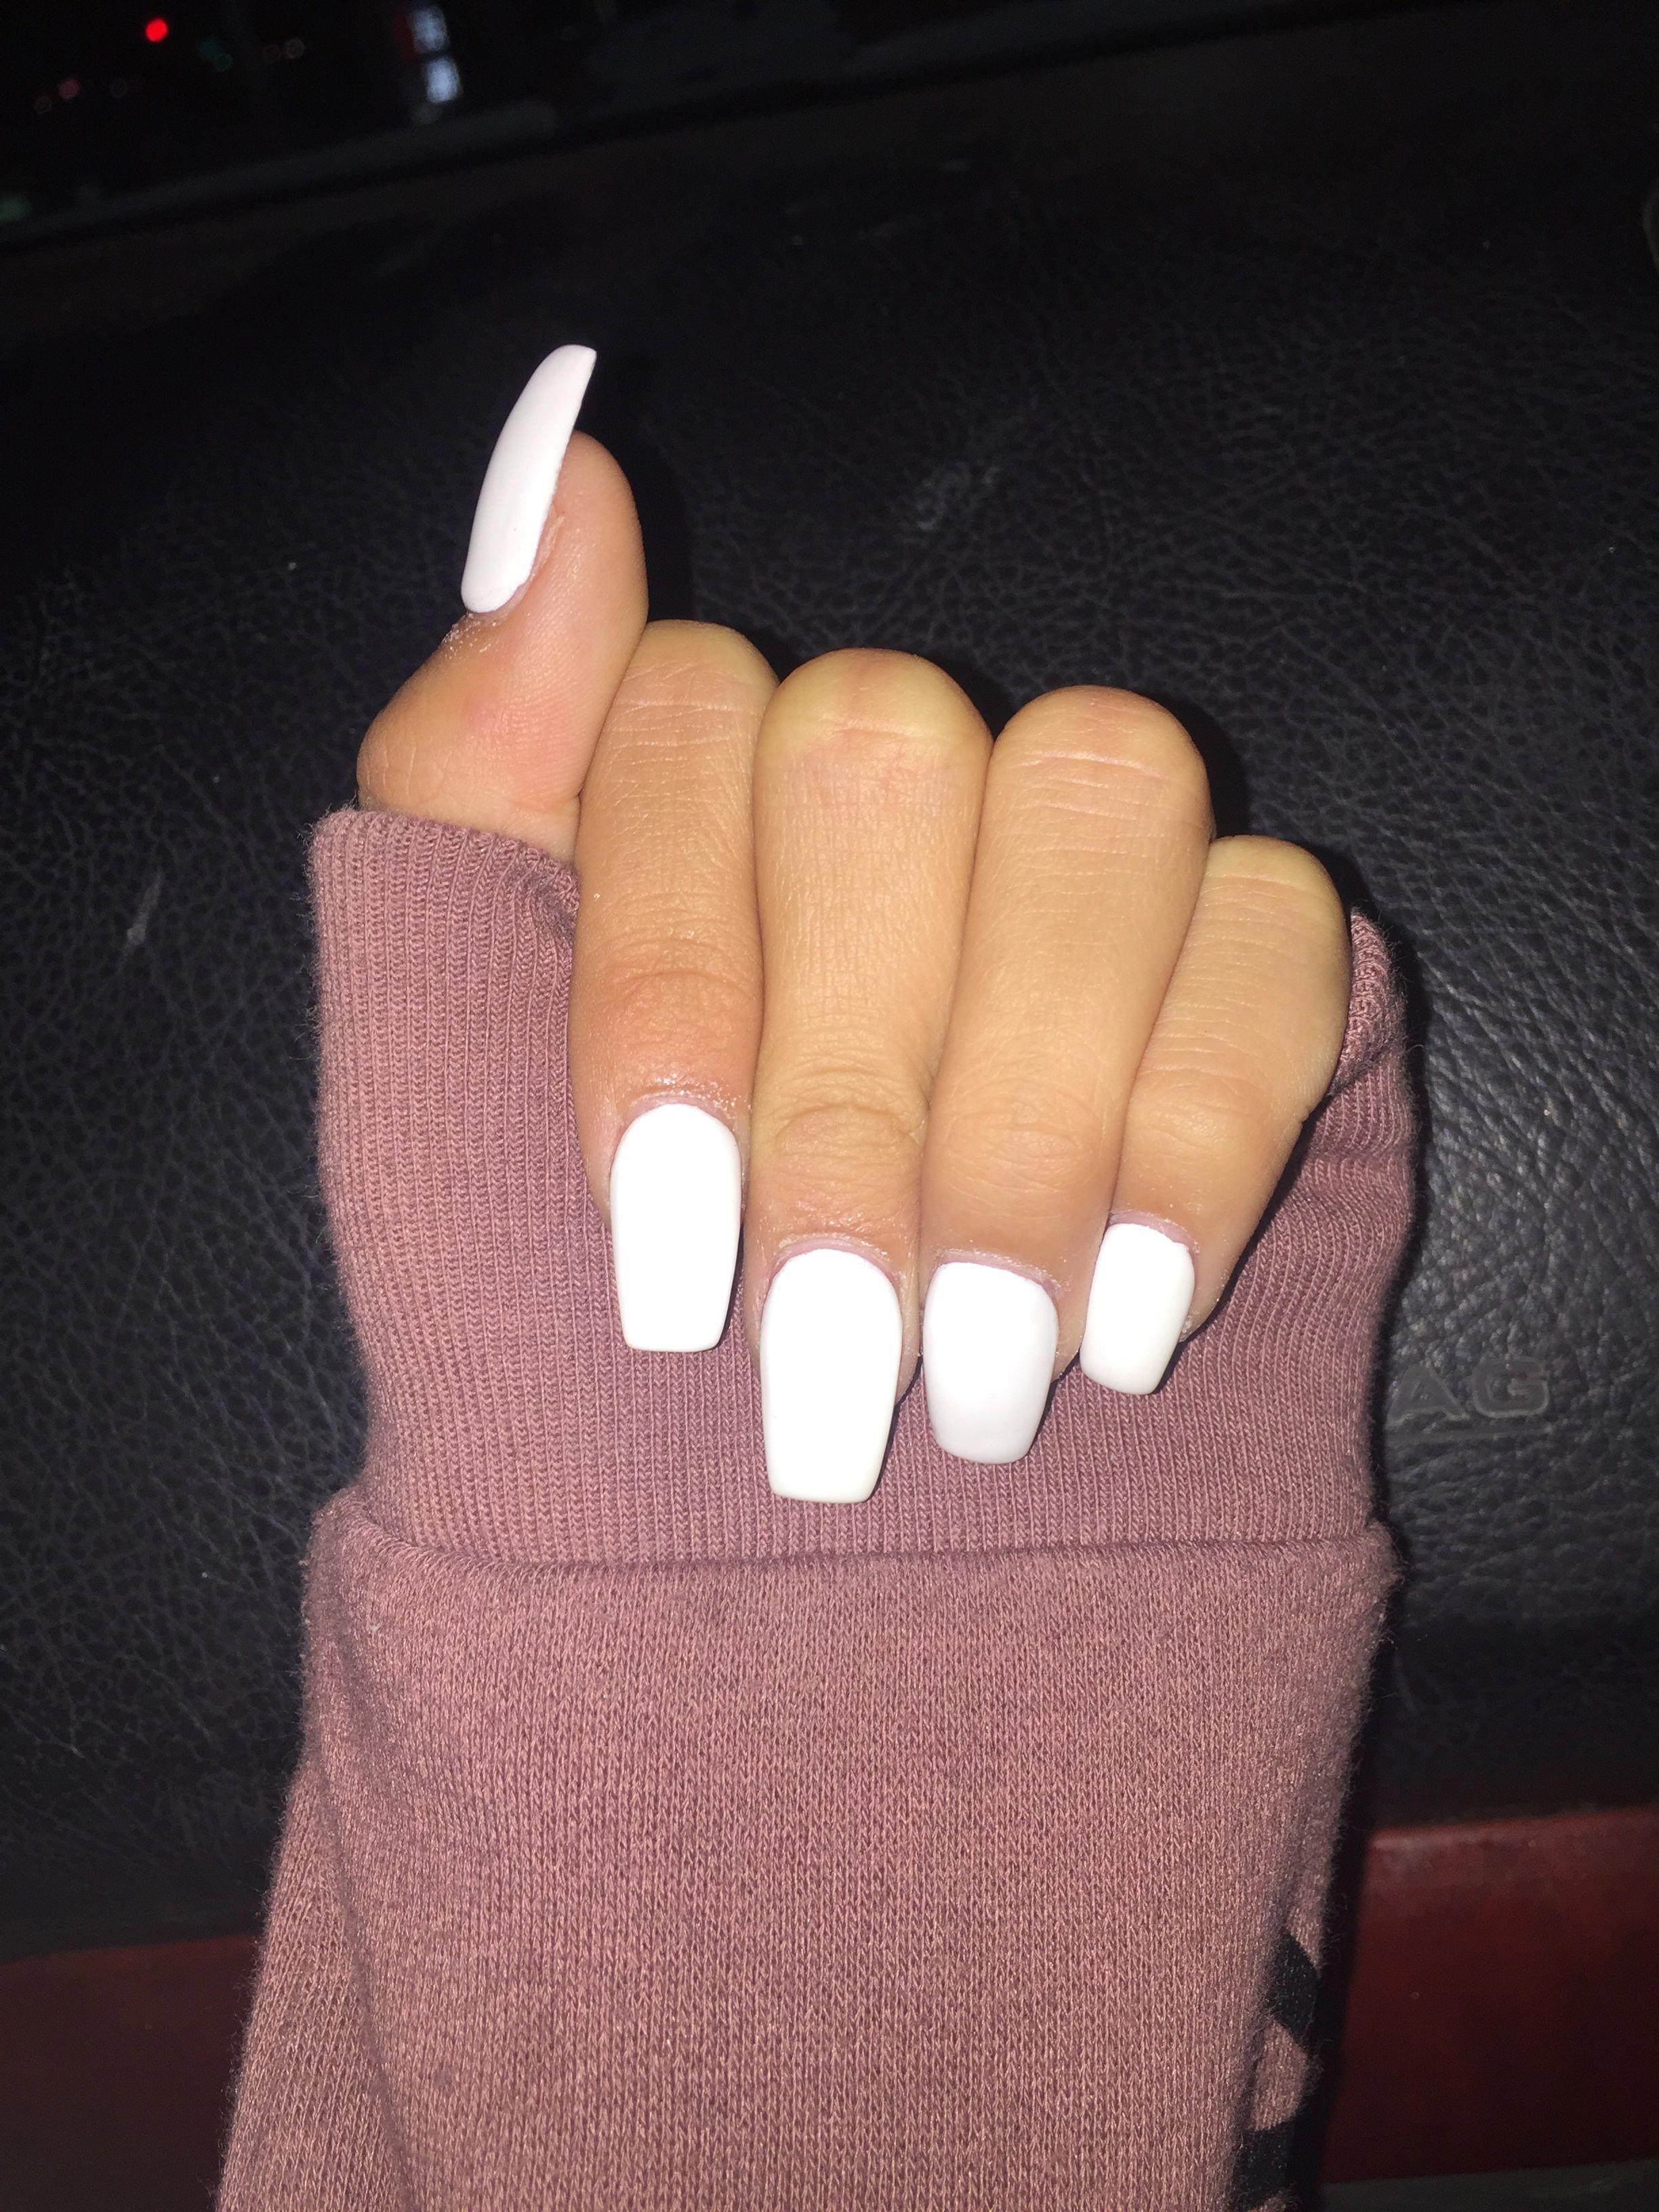 Gorgeous Short Acrylic Nails Shortacrylicnails White Acrylic Nails Pretty Acrylic Nails Square Acrylic Nails